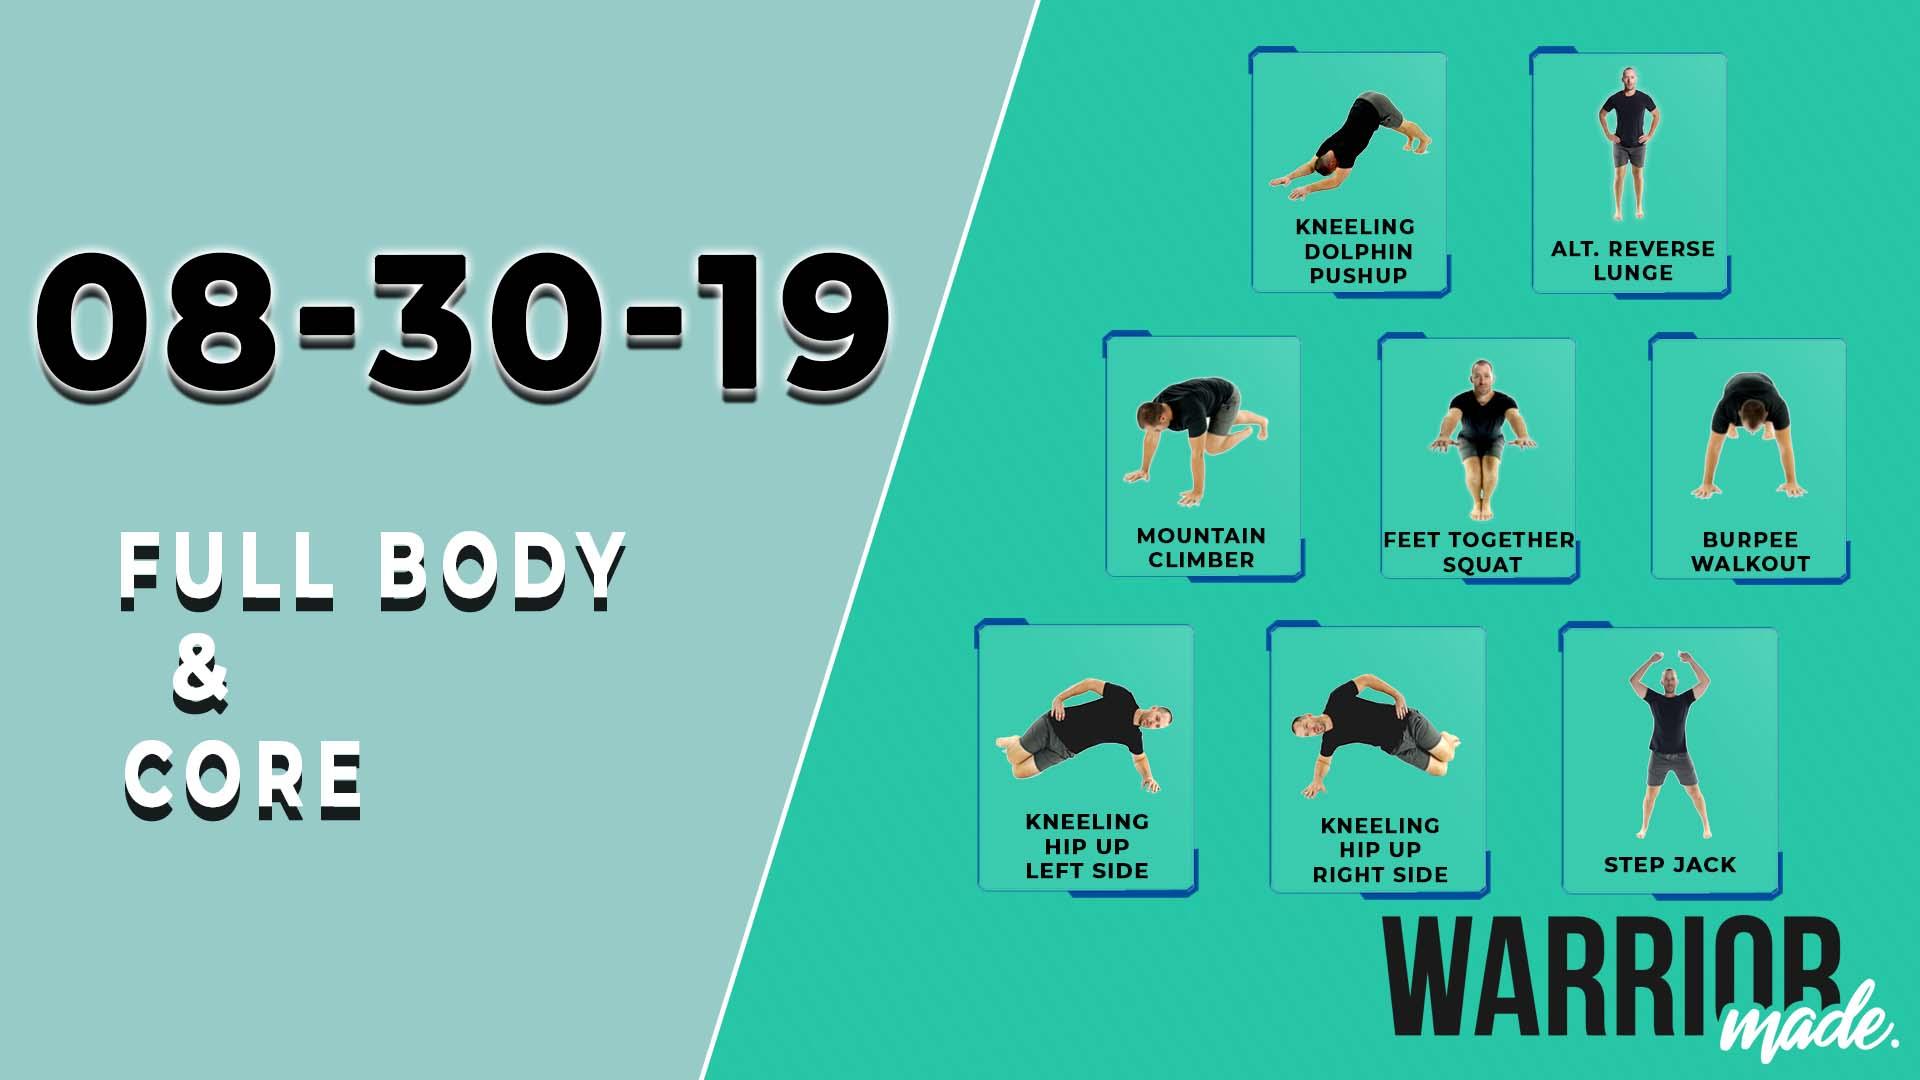 workouts-08-30-19